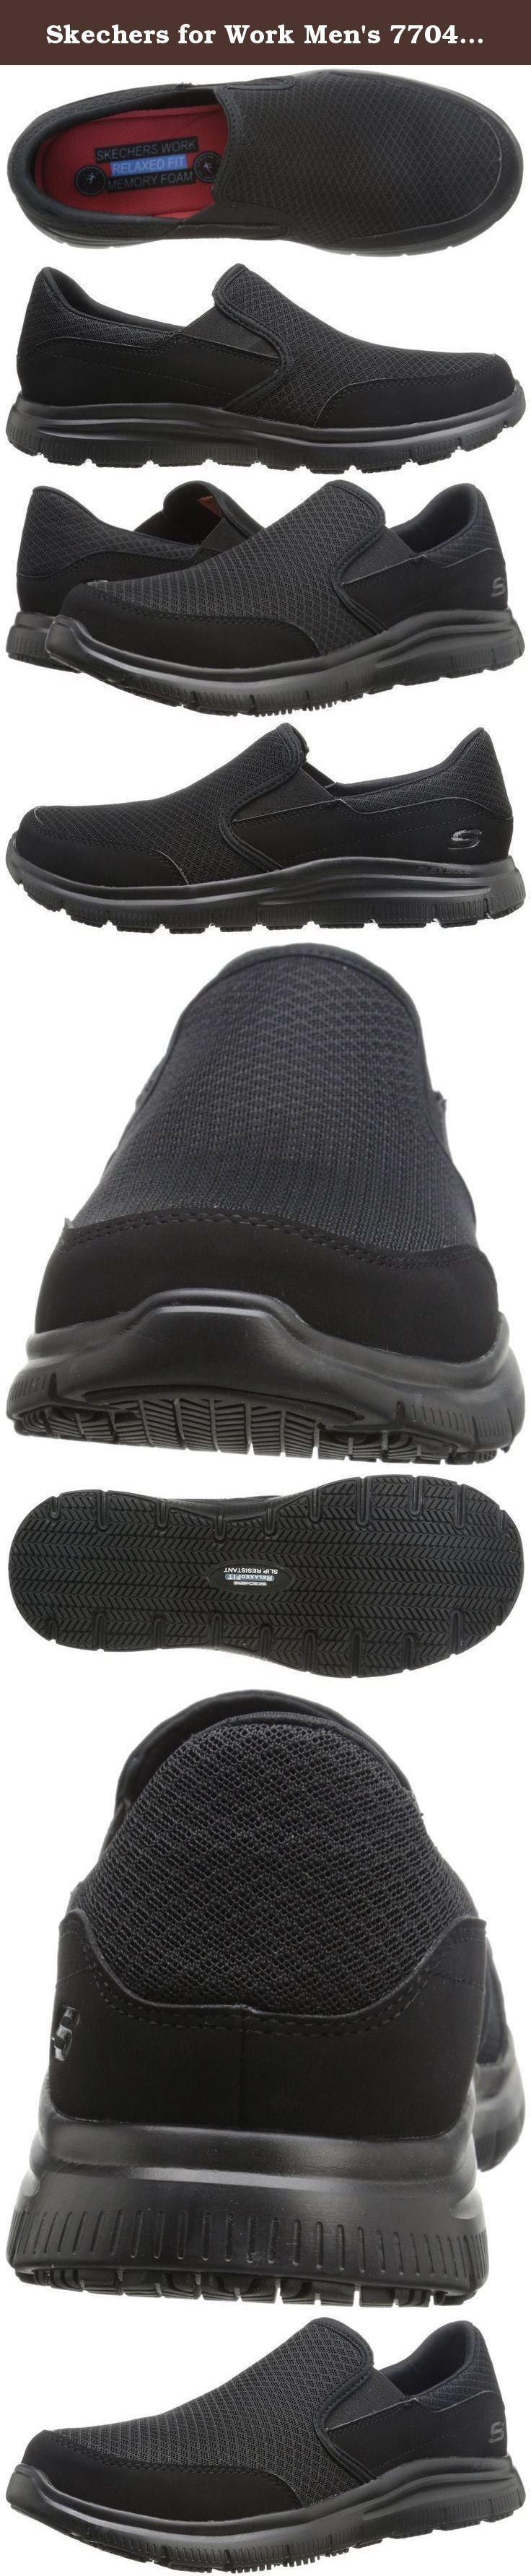 Skechers for Work Men's 77048 Flex Advantage Slip-Resistant Mcallen Slip On. Slip on work shoe.